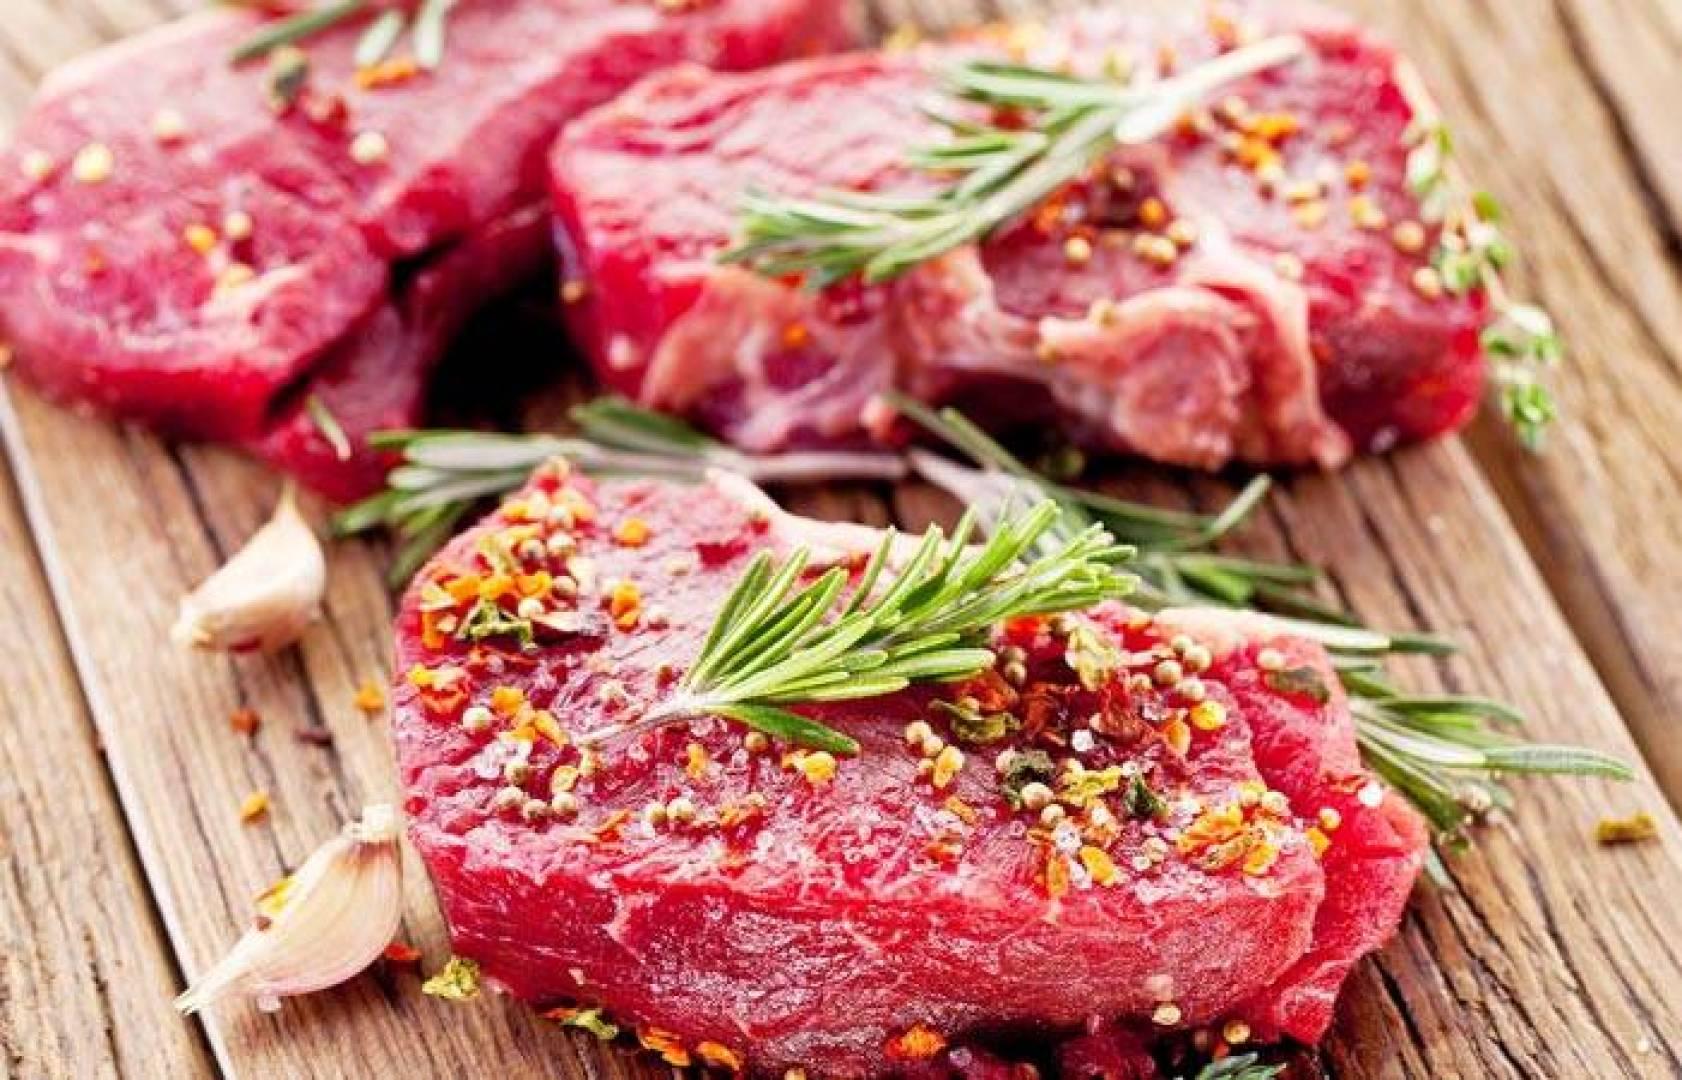 تأثير «اللحوم الحمراء».. بين الحقائق والخرافات